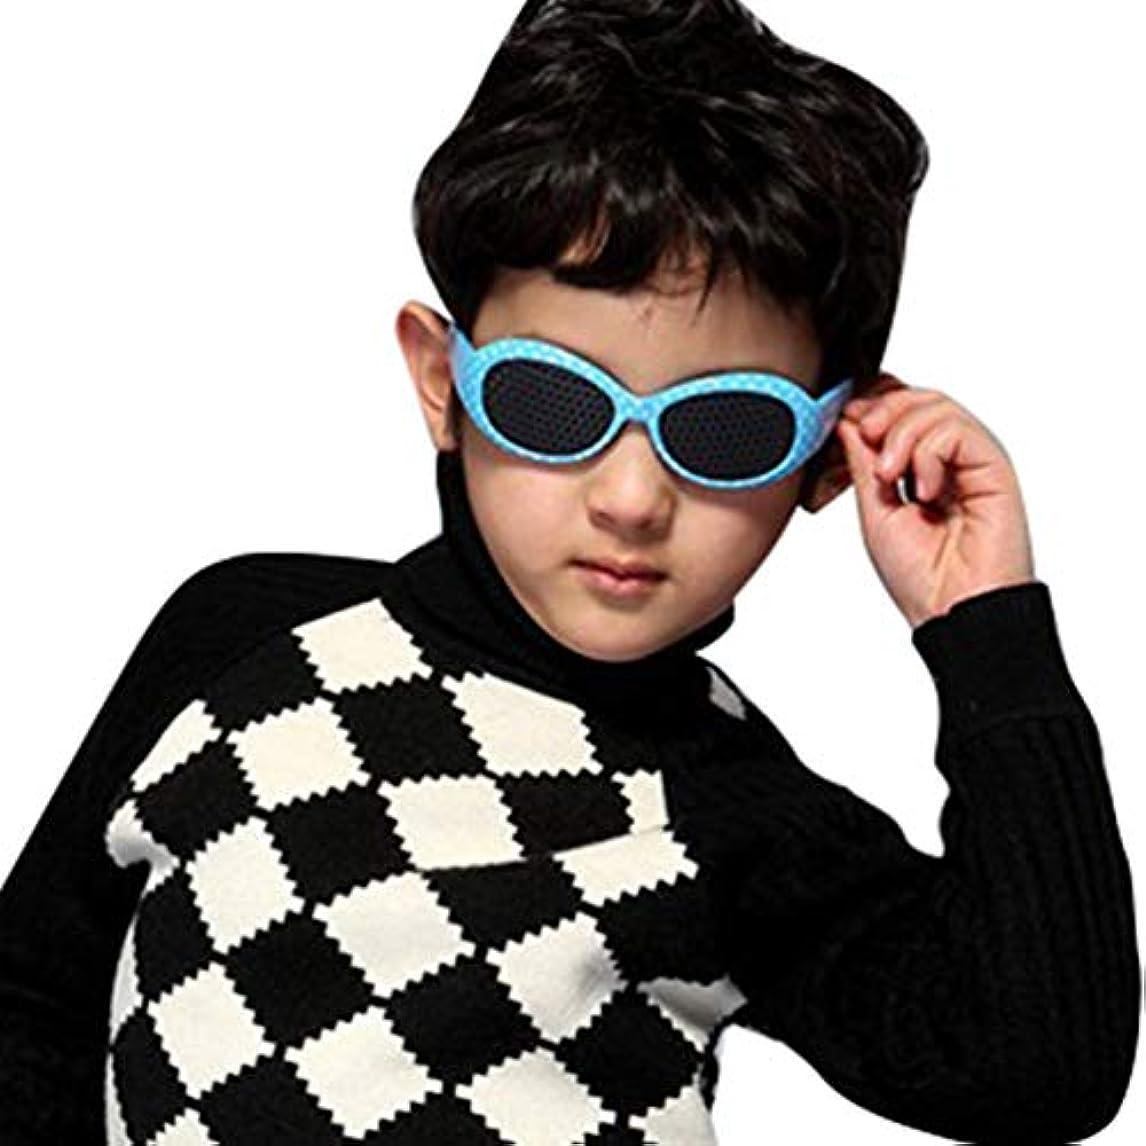 (ライチ) Lychee ピンホールメガネ 眼鏡ケース 視力改善 視力トレーニング 視力回復 眼筋運動 疲労予防 視力矯正 遠近兼用 疲れ目 眼筋力 アップ フリーサイズ 子供用 ブルー